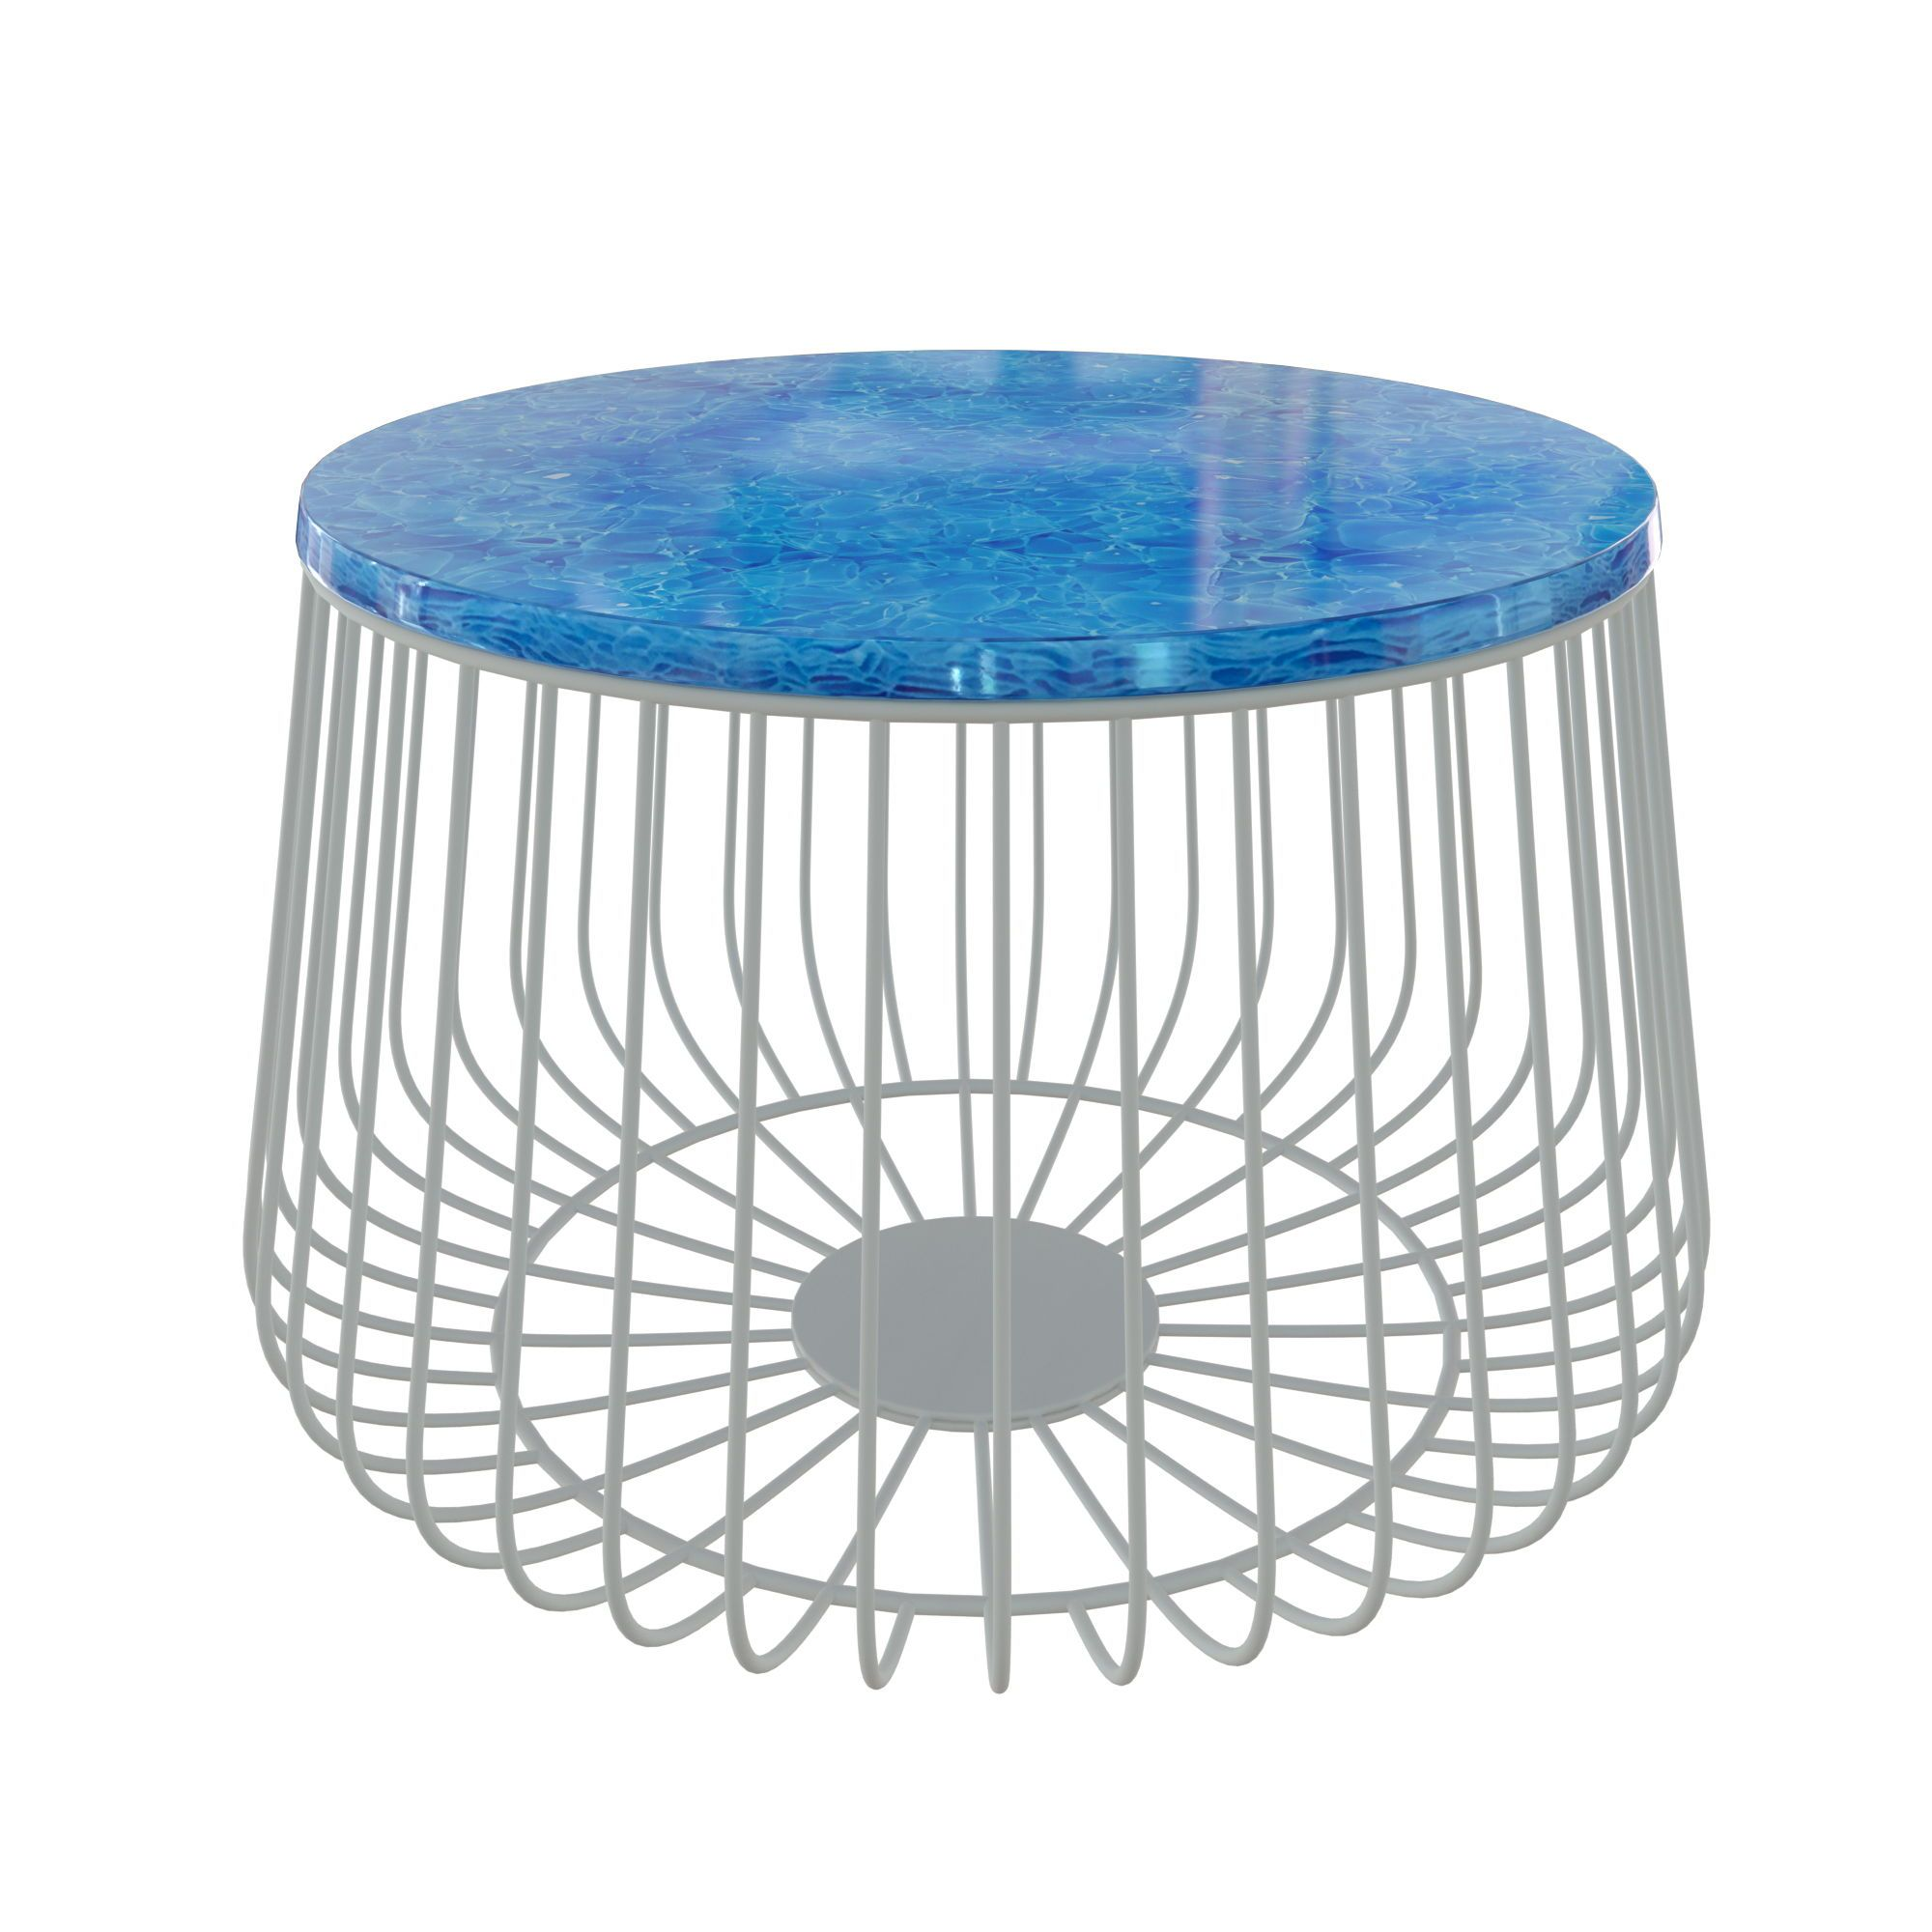 Magna Glaskeramik Beistelltisch Couchtisch Glas Couchtische Dekorieren Wohnzimmertische